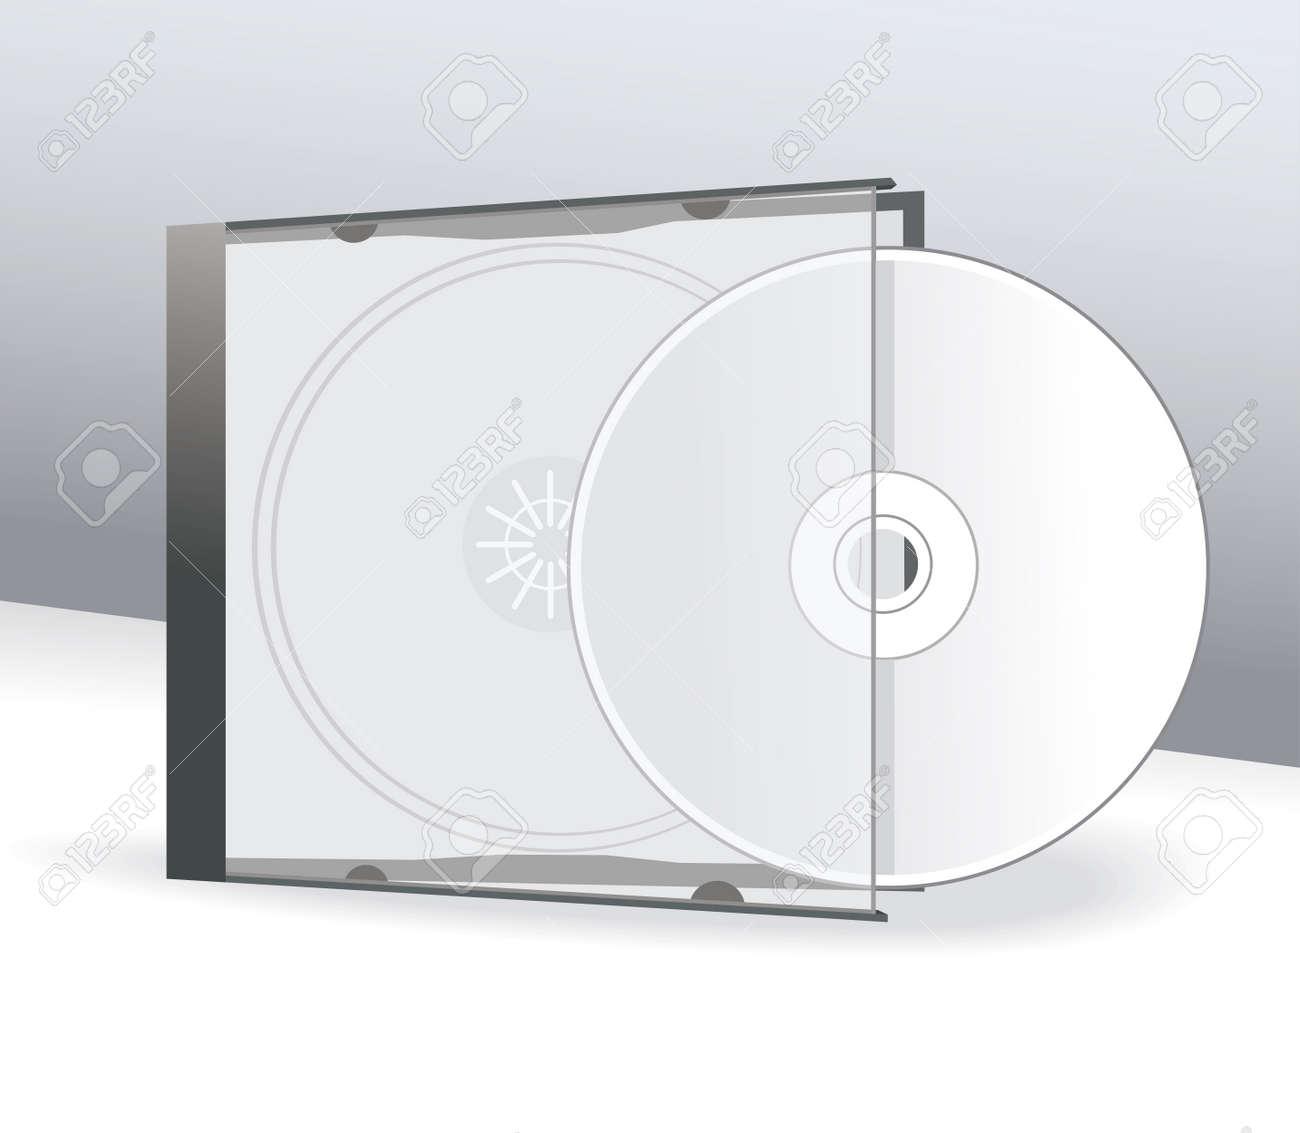 CD De Diseño De La Cubierta Con 3D Presentación Plantilla ...